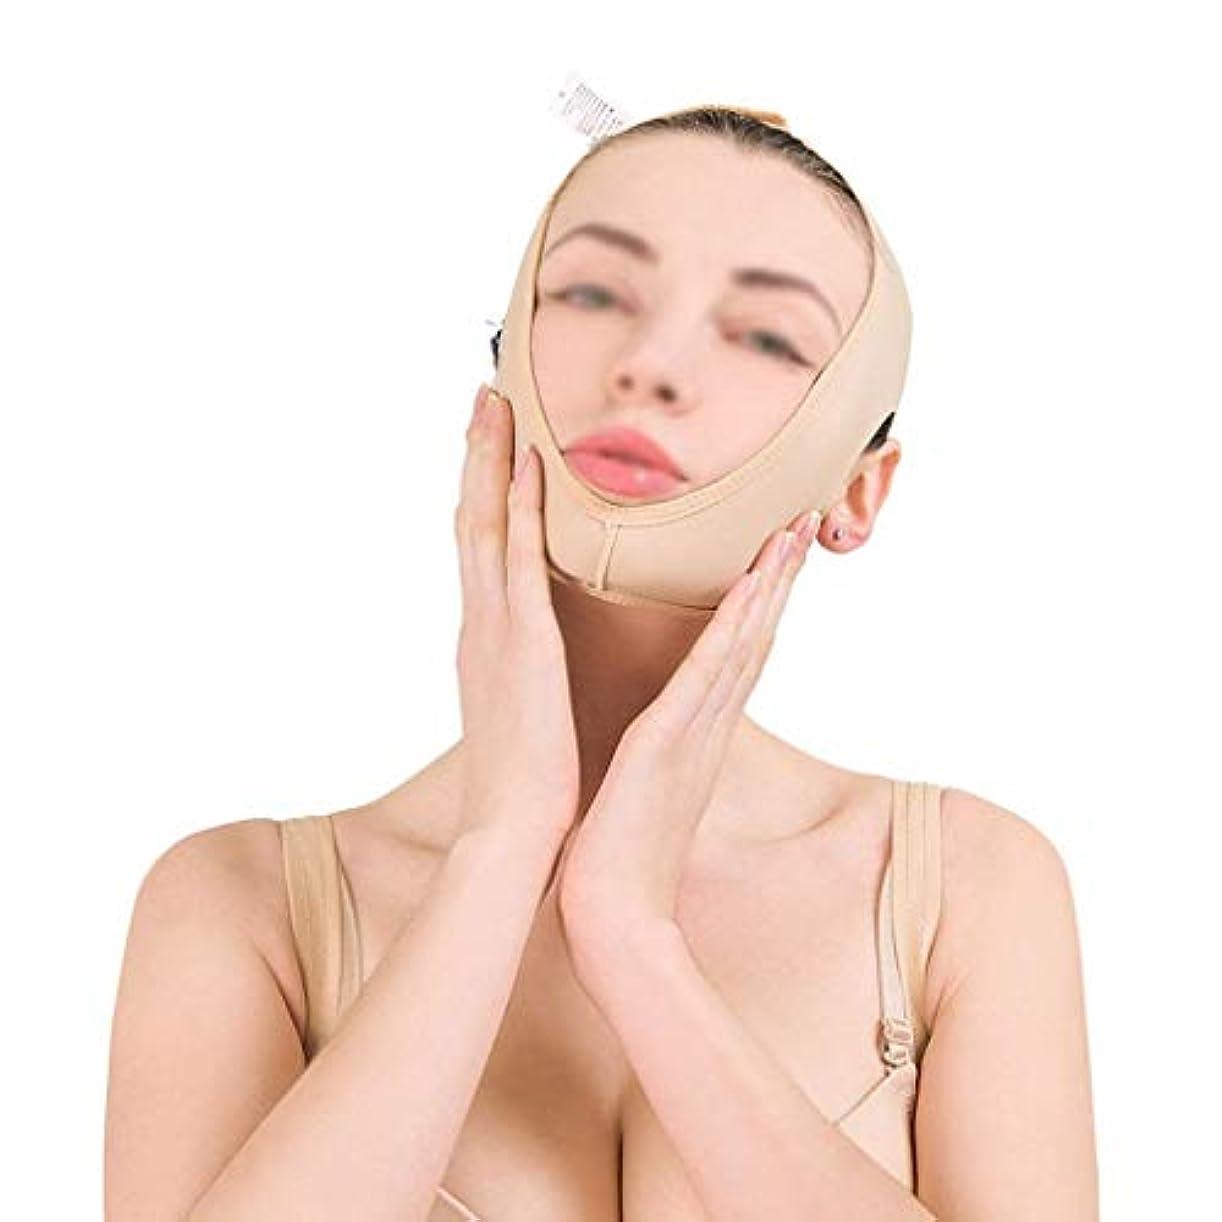 安いです本能集団的マスク減量、肌の包帯を引き締めるリフティングフェイスバンド、フェイスリフティング、ダブルチンビューティバンデージ、フェイスリフト(サイズ:L),M